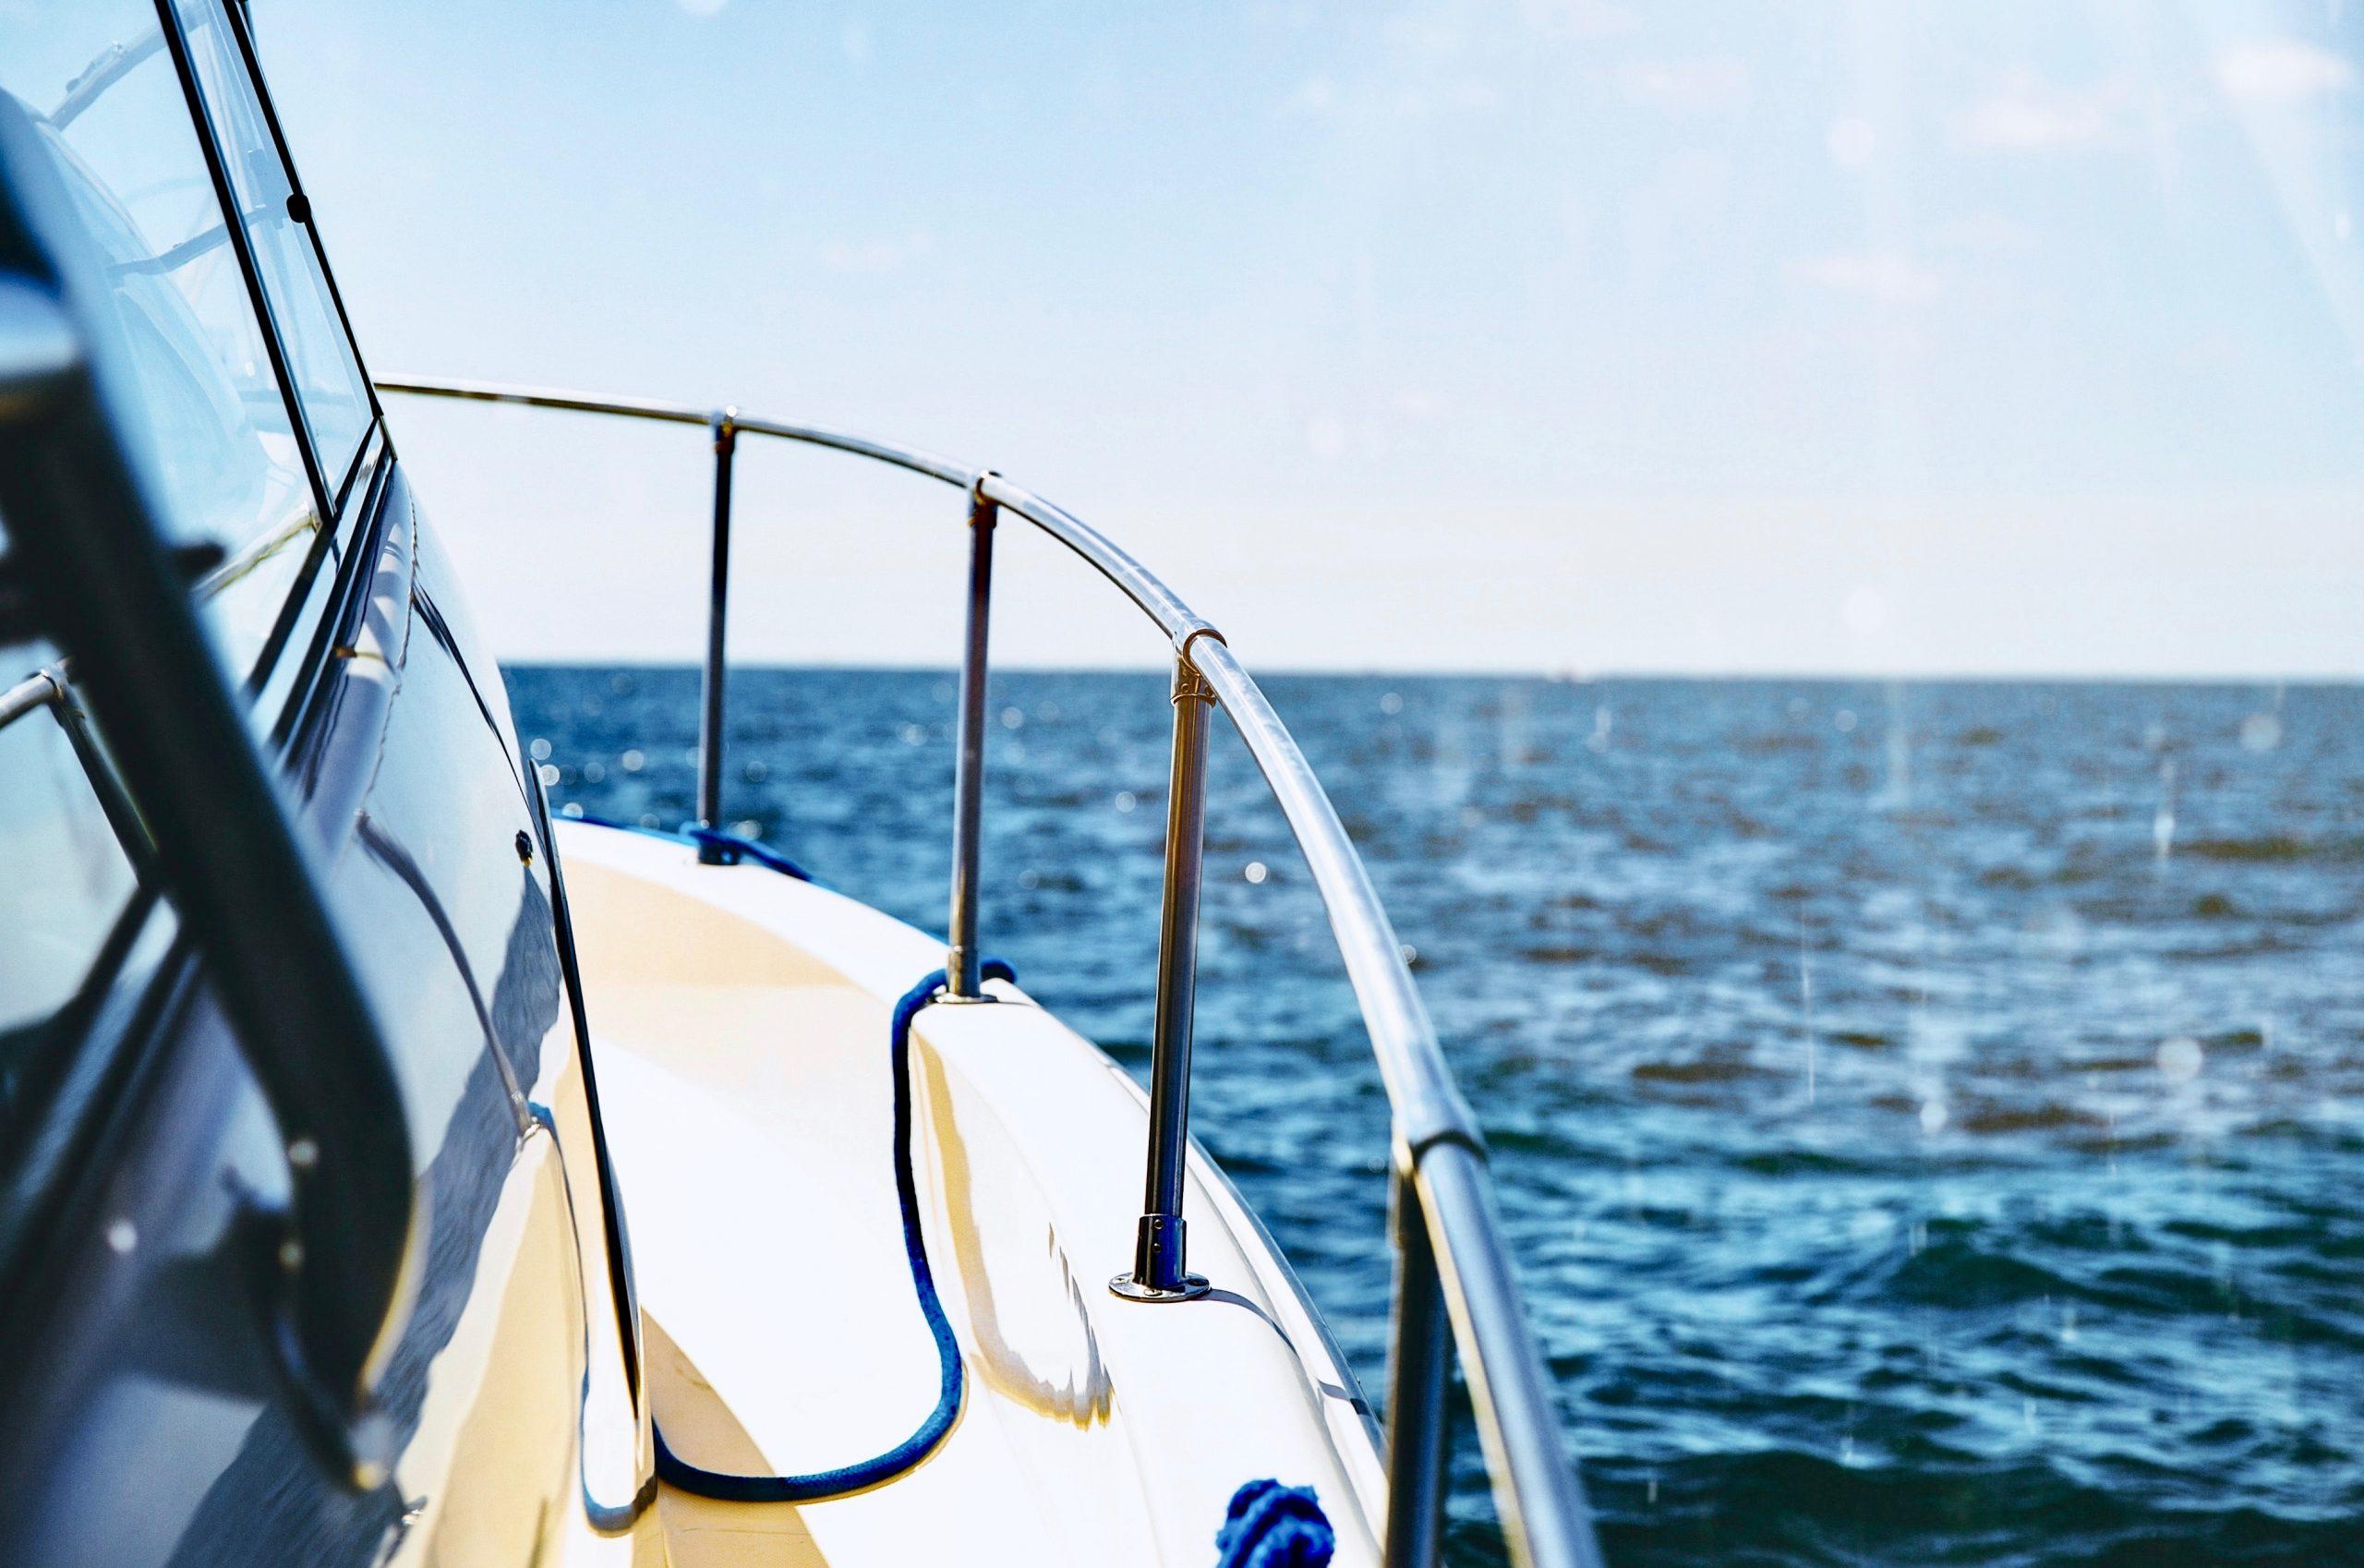 Sportboot auf Meer bei Sonnenschein